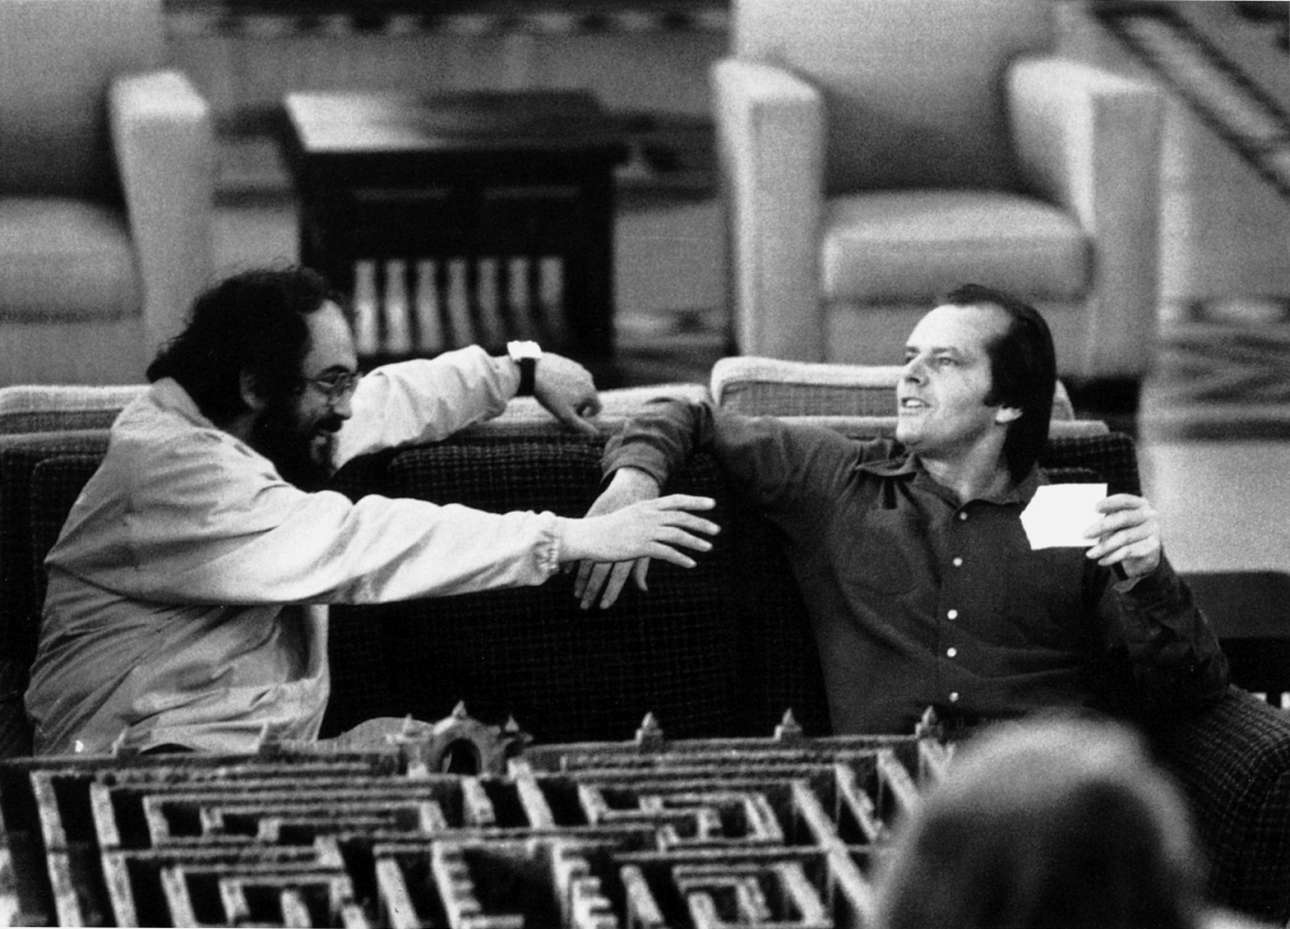 Μαζί με τον Τζακ Νίκολσον στα γυρίσματα της ανατριχιαστικής «Λάμψης». Μπροστά τους διακρίνεται η μακέτα για τον περίφημο κήπο - λαβύρινθο του ξενοδοχείου Overlook